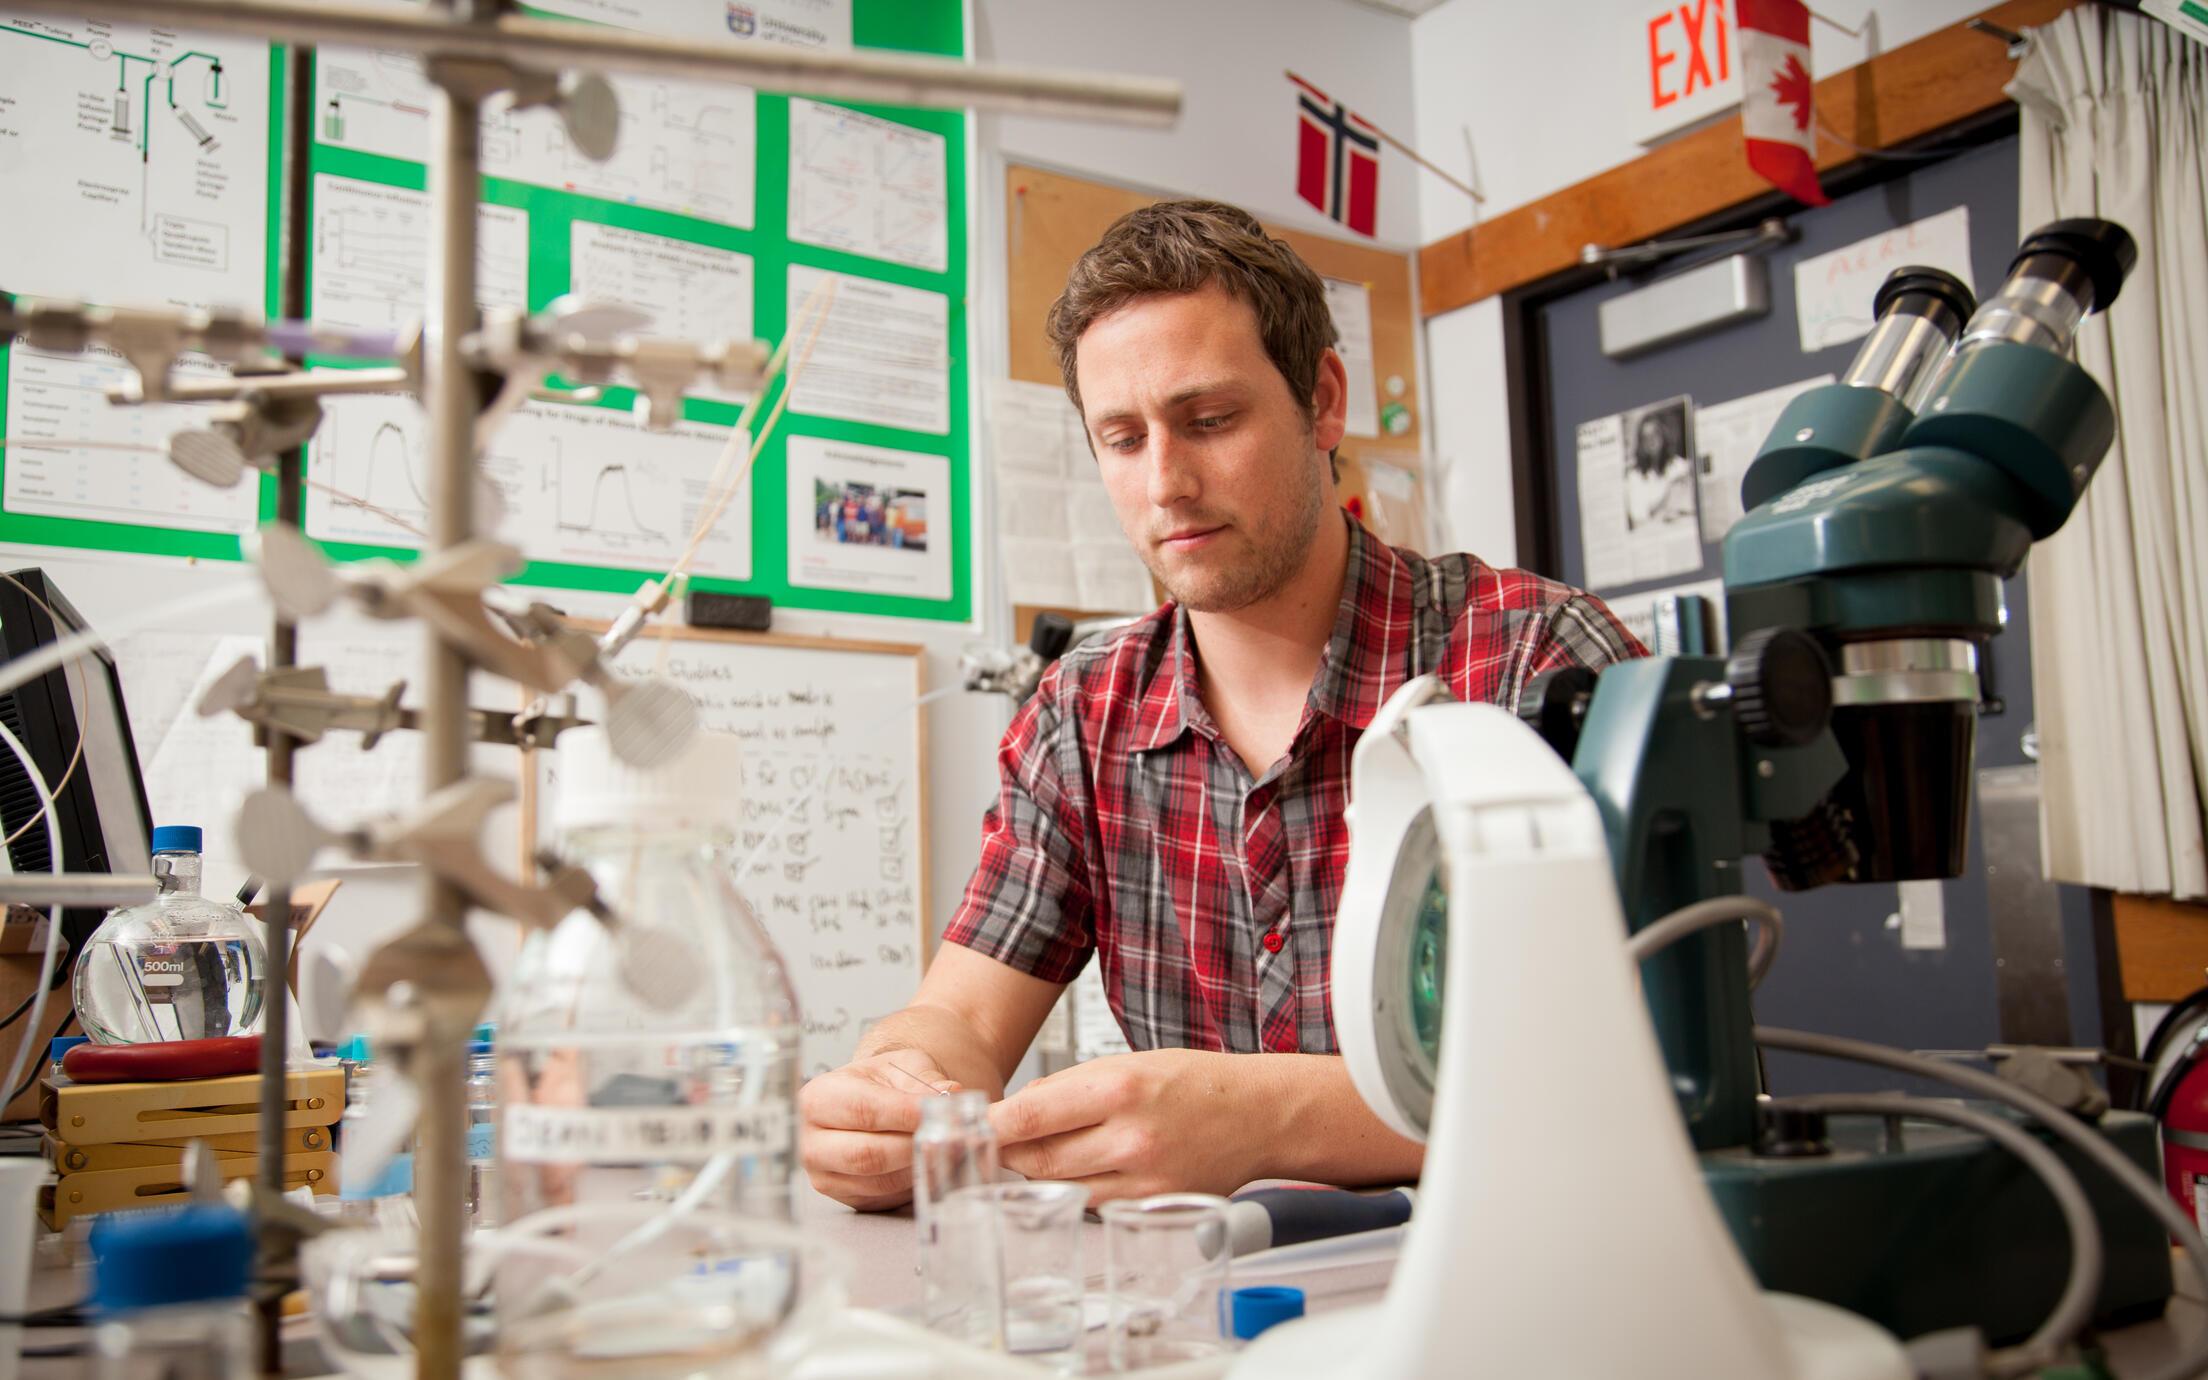 VIU Chemistry Lab